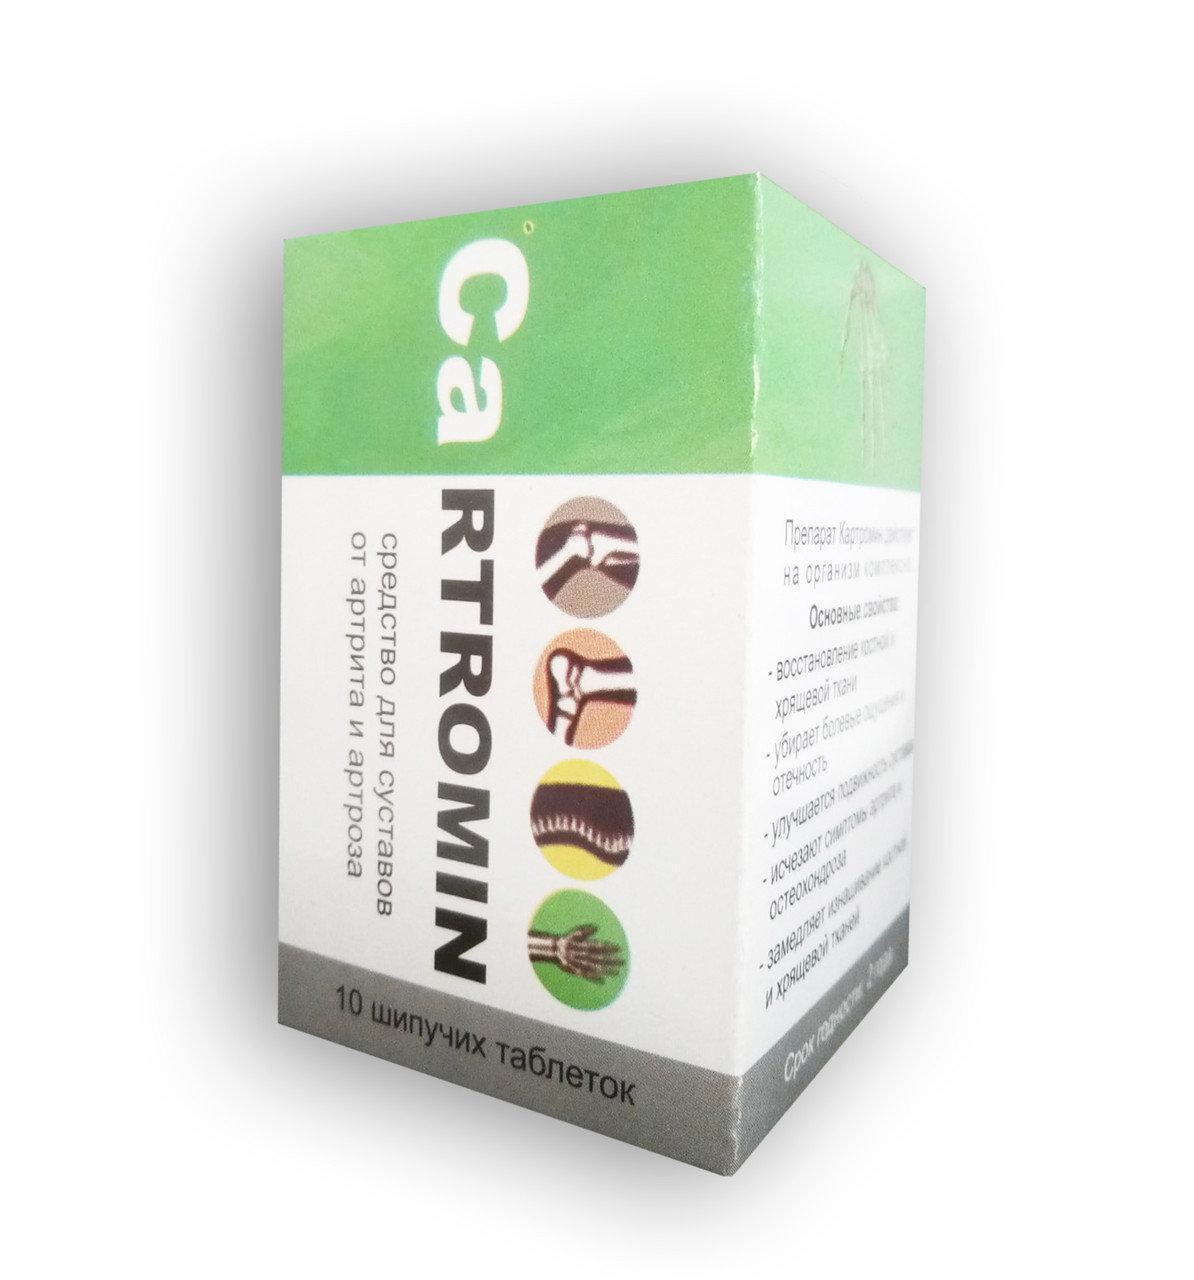 Cartromin - Таблетки для суставов от артрита и артроза (Картромин) ViP